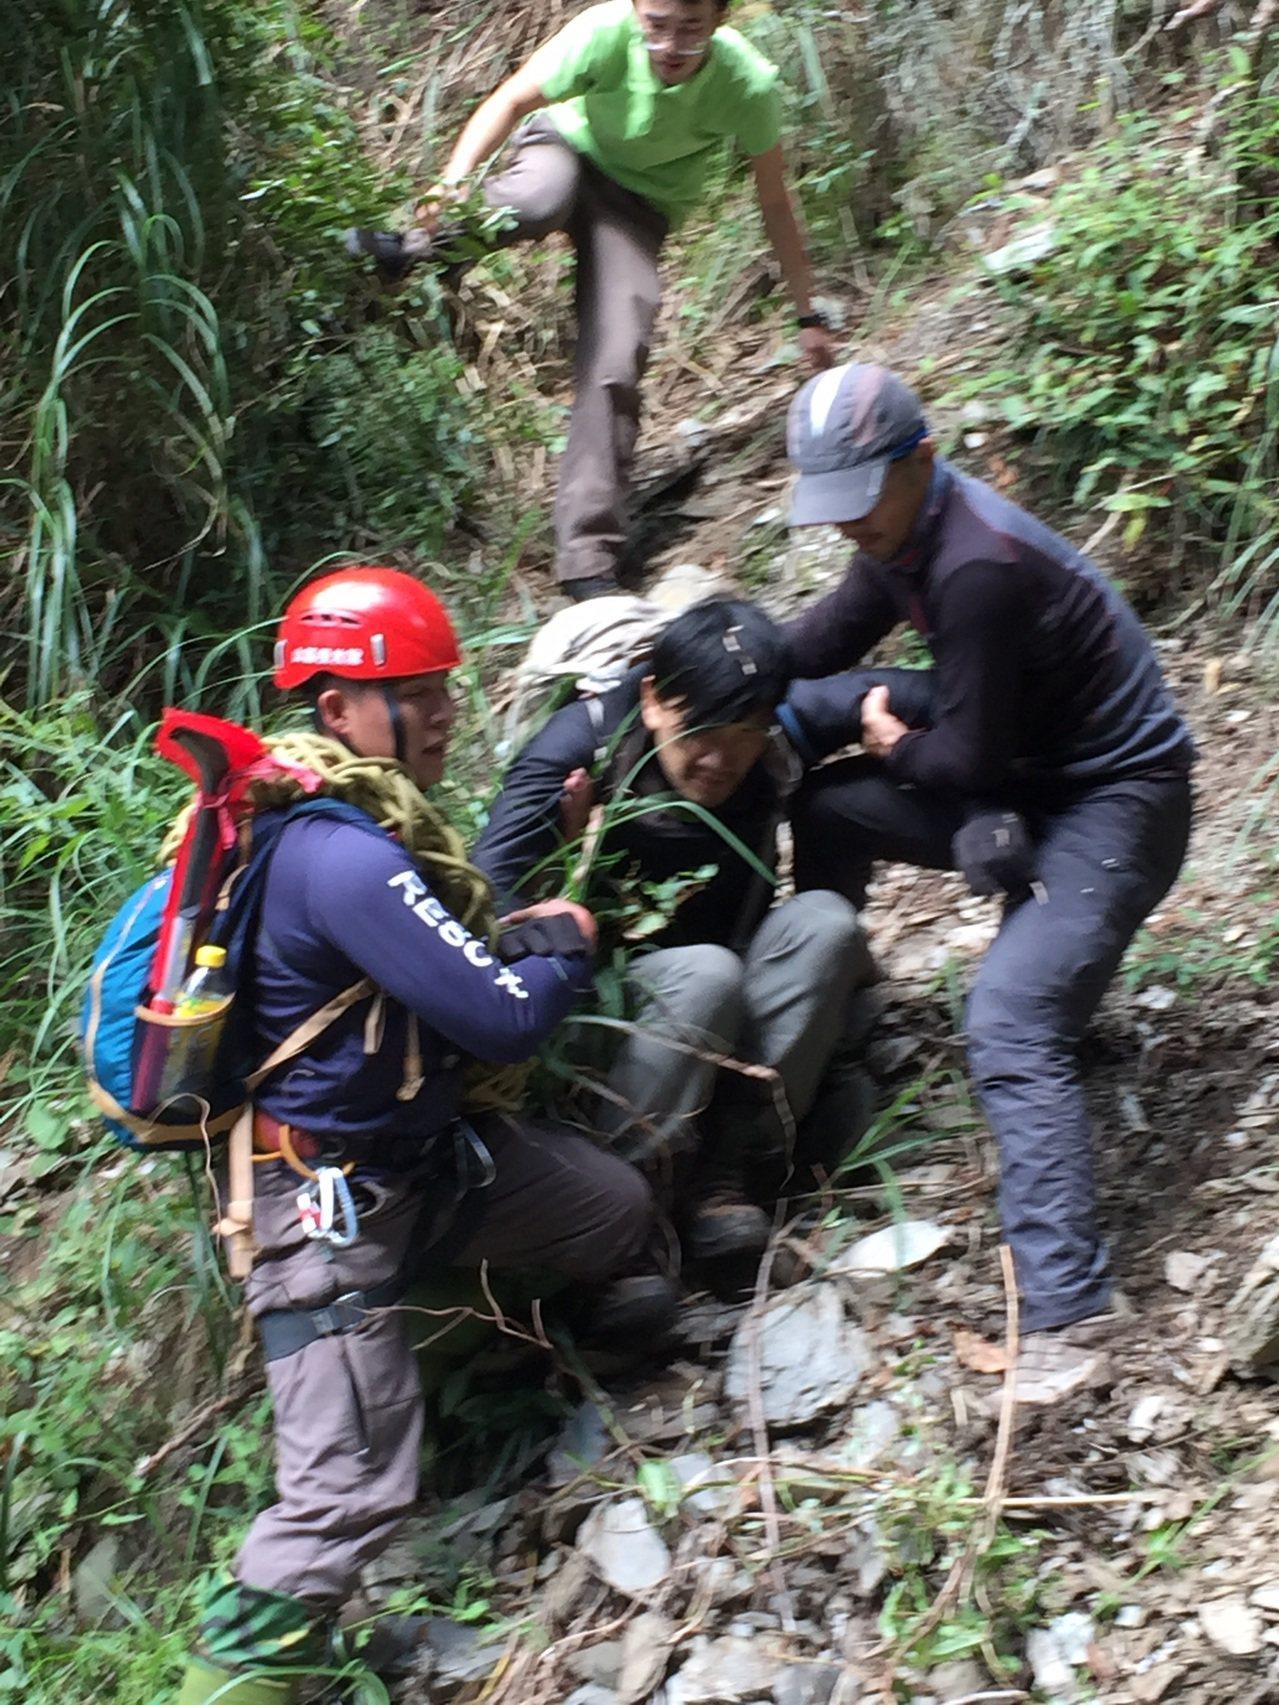 黃致遠(中)受困山區12天,今天獲救由搜救人員攙扶下山。圖/南投縣消防局提供